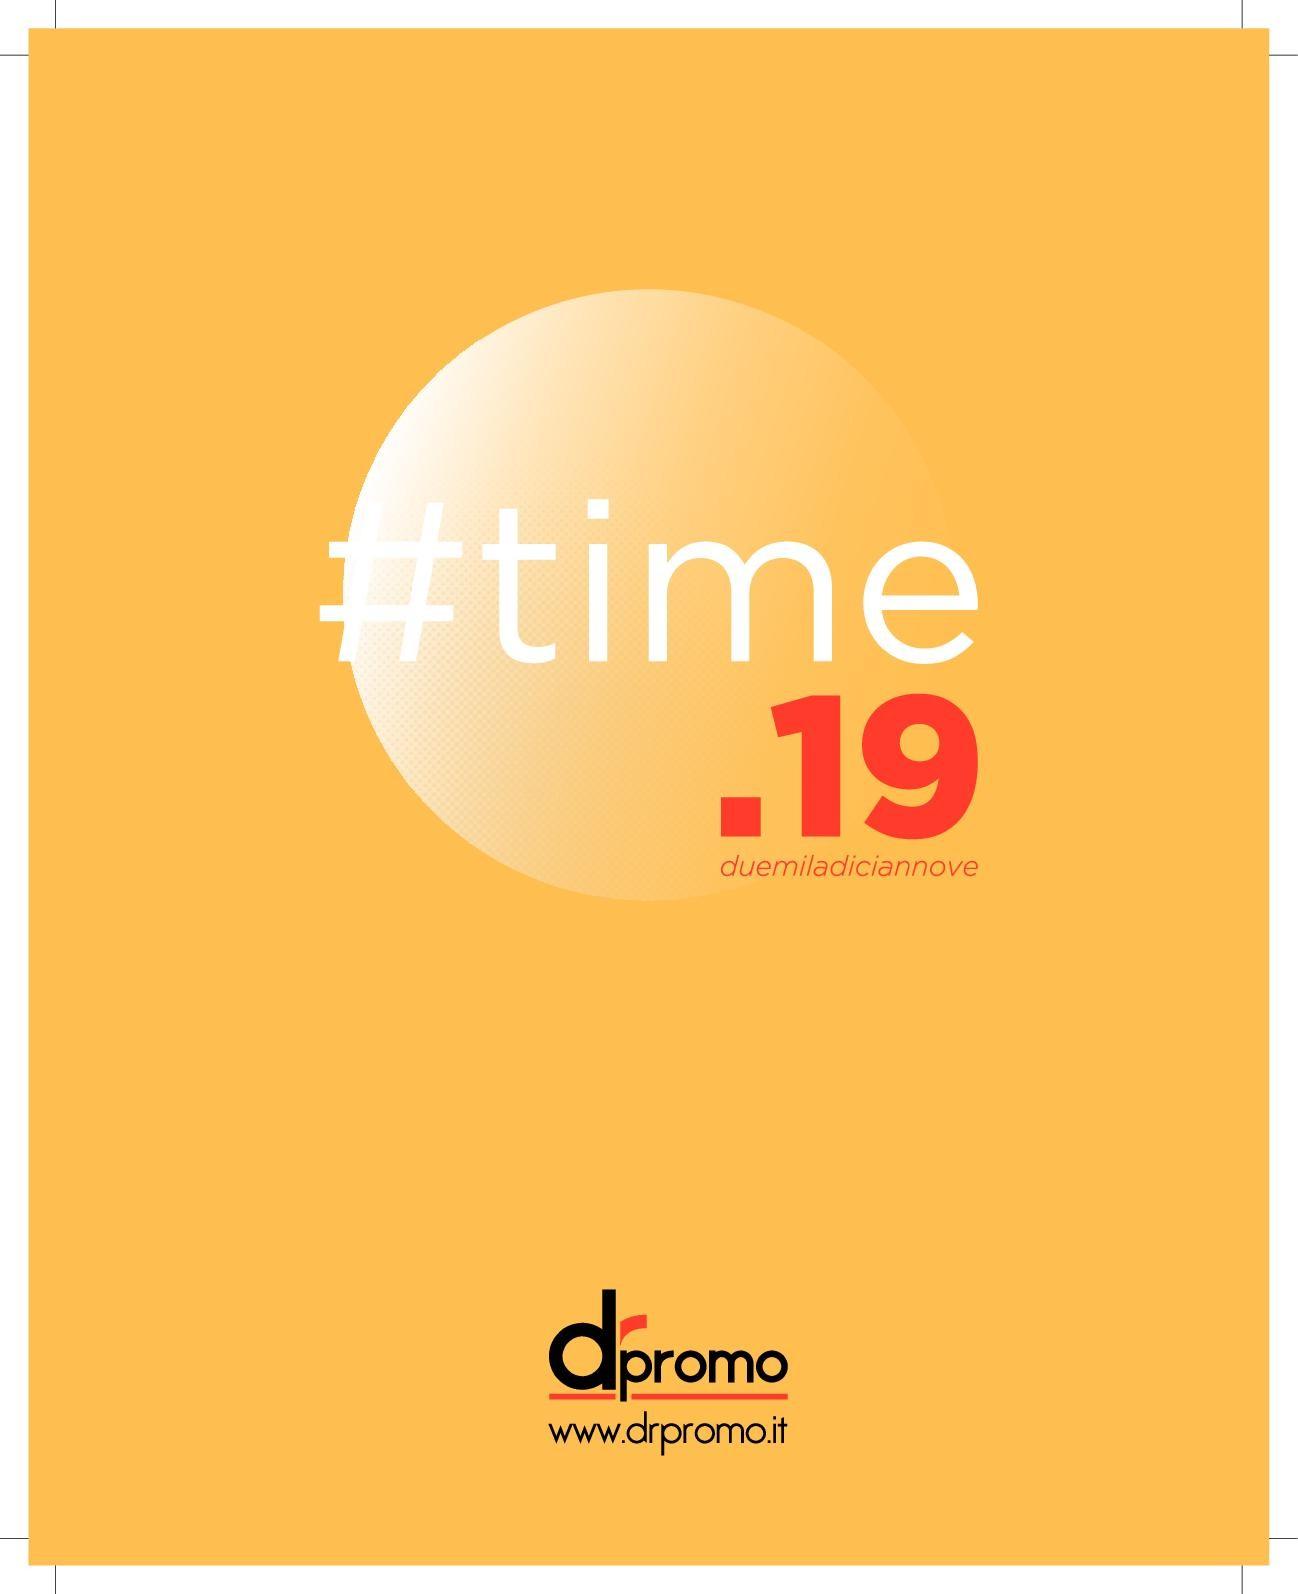 Calendario 2019 Per Bambini Da Stampare Más Actual Calaméo Catalogo Drpromo 2019 Of Calendario 2019 Per Bambini Da Stampare Más Actual I C Viale San Marco